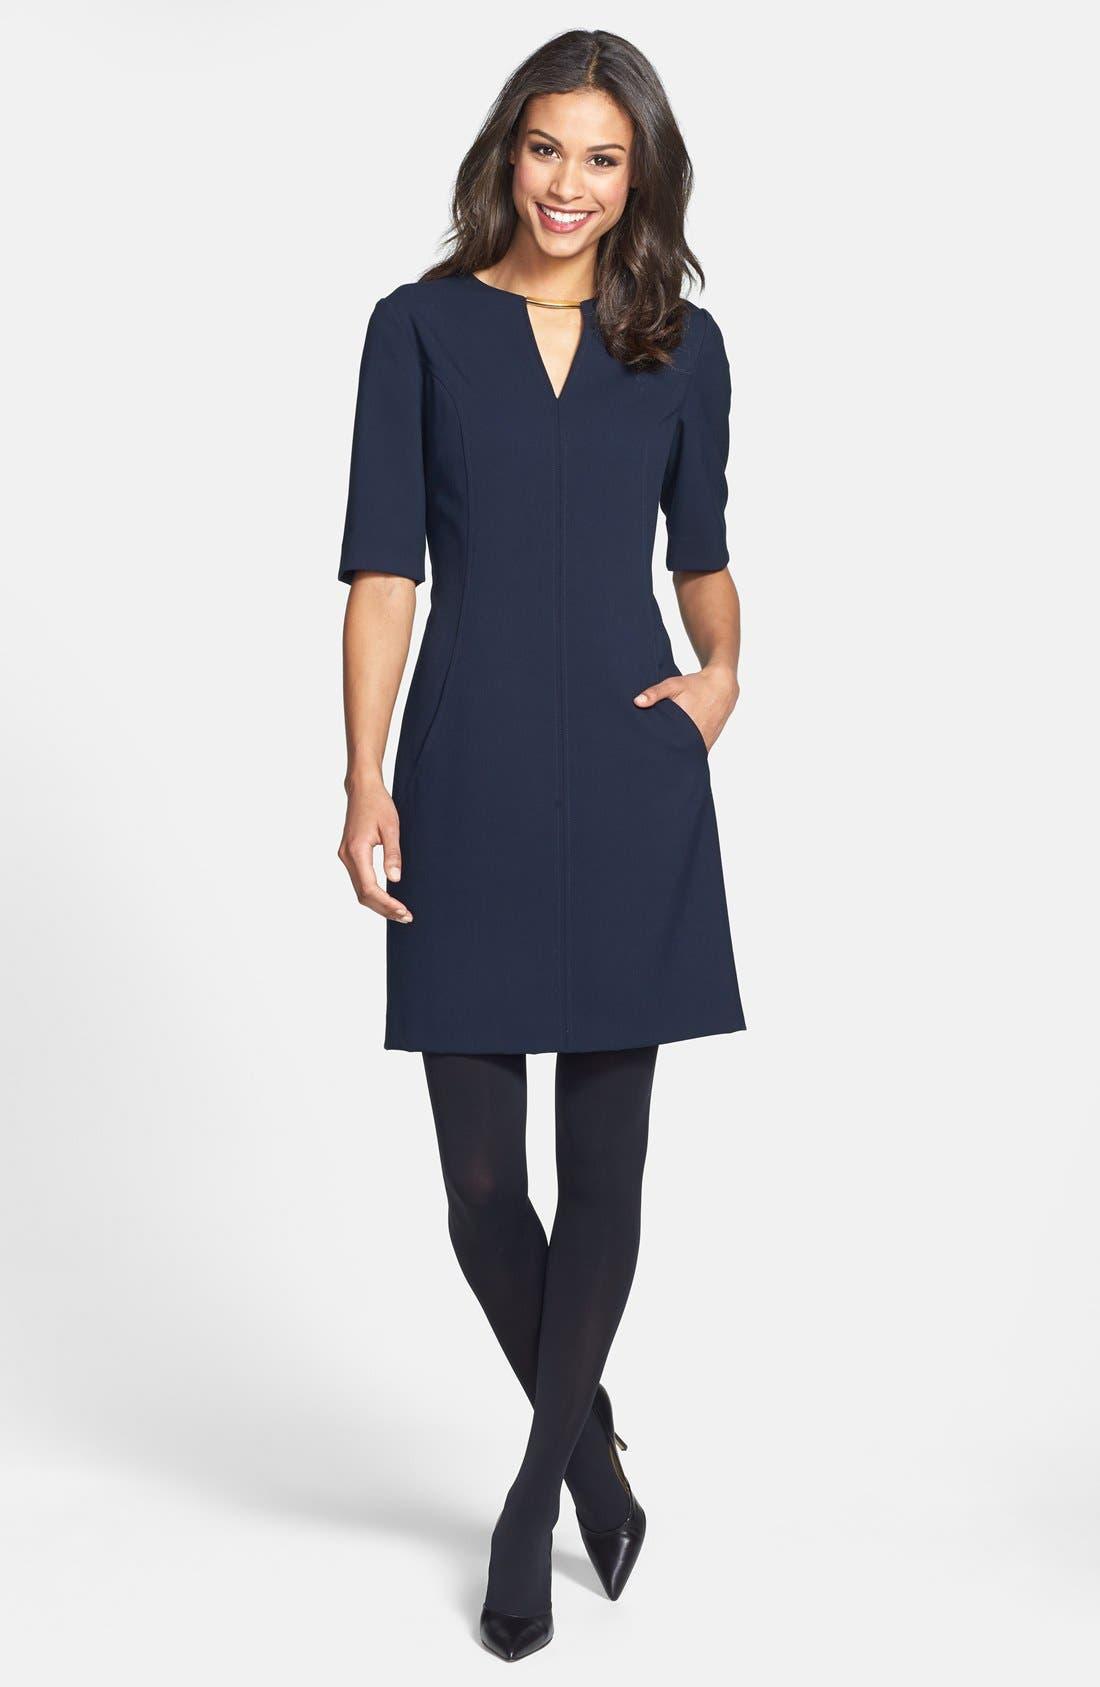 Alternate Image 3  - Tahari V-Neck Shift Dress (Regular & Petite) (Online Only)